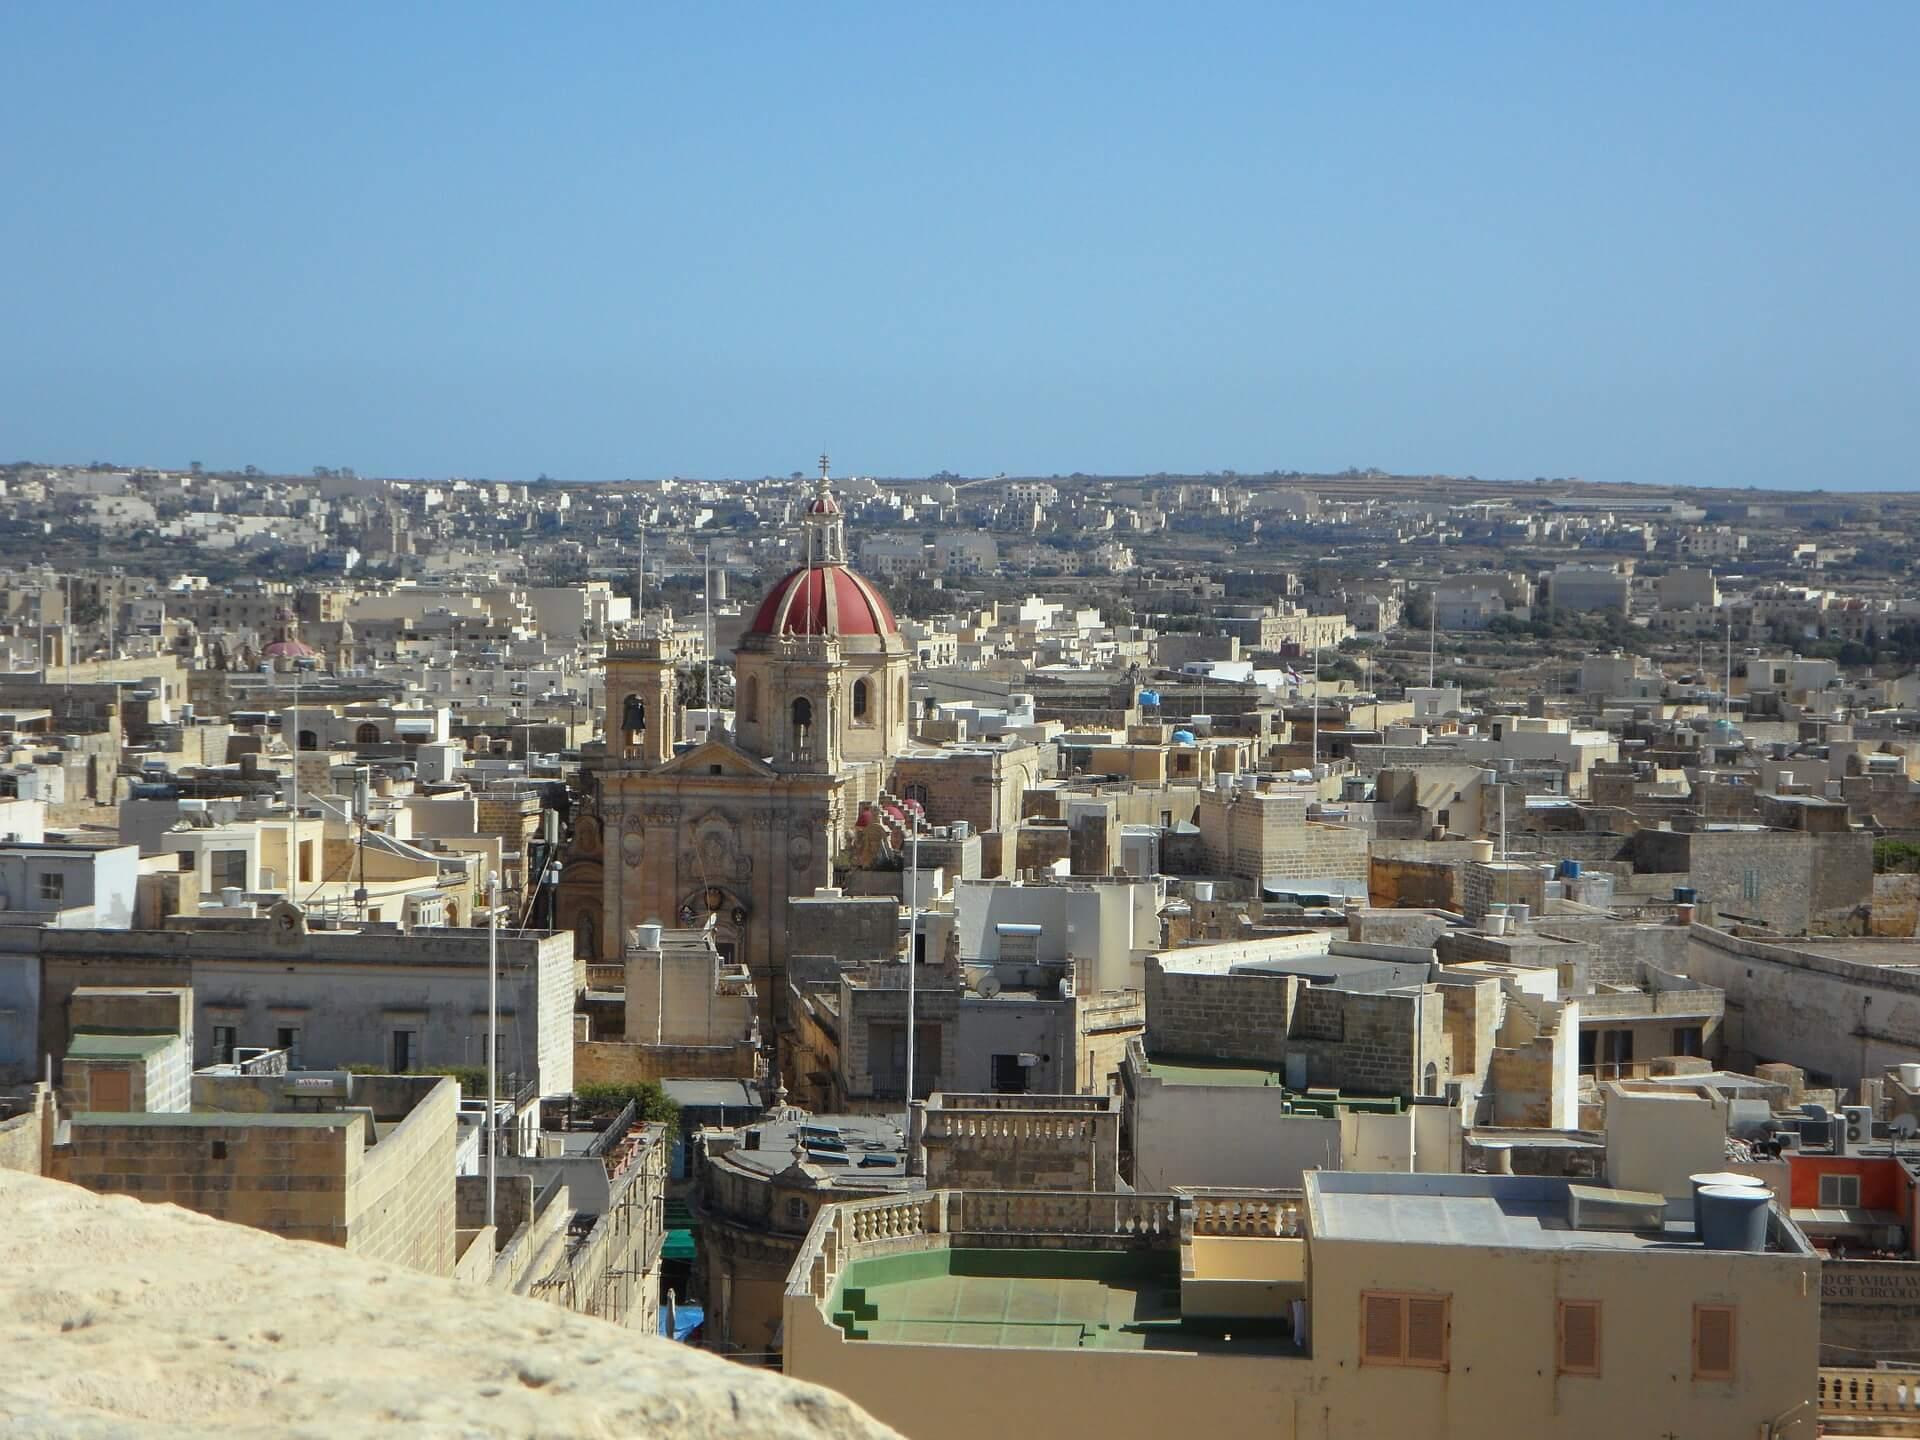 Direktflüge und Billigflüge nach Rabat